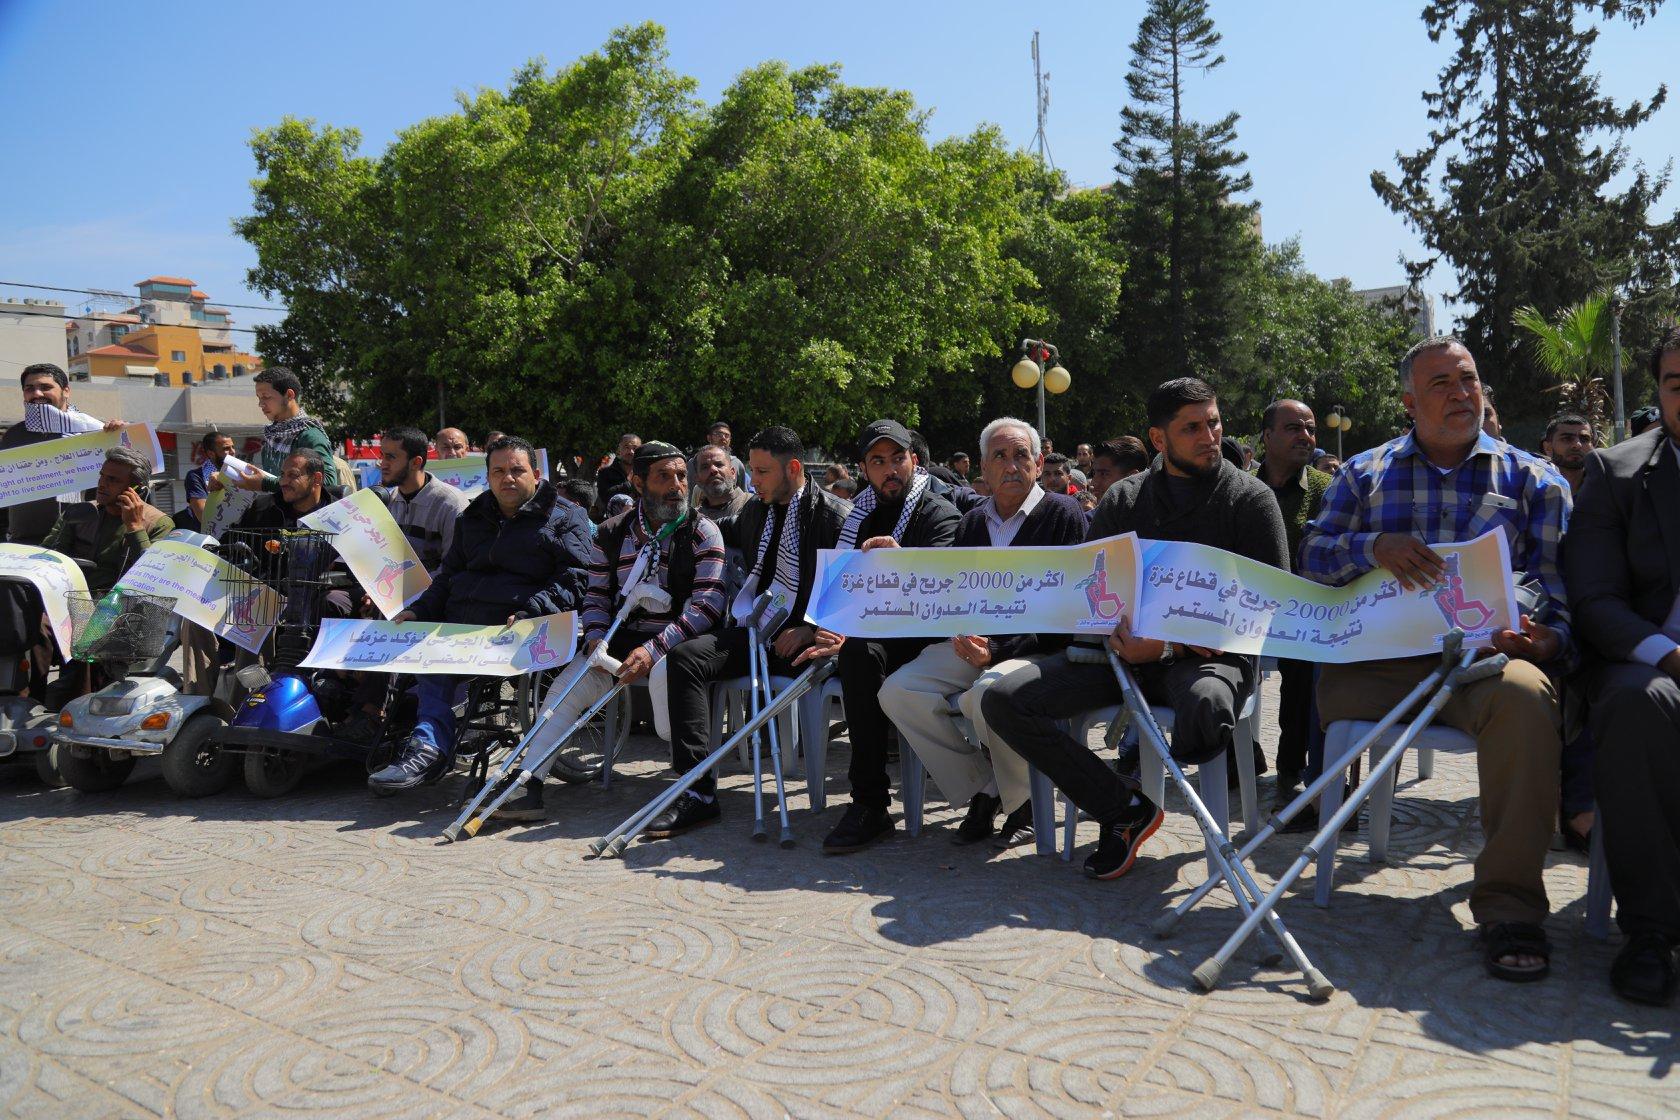 اختتام فعاليات يوم الجريح الفلسطيني